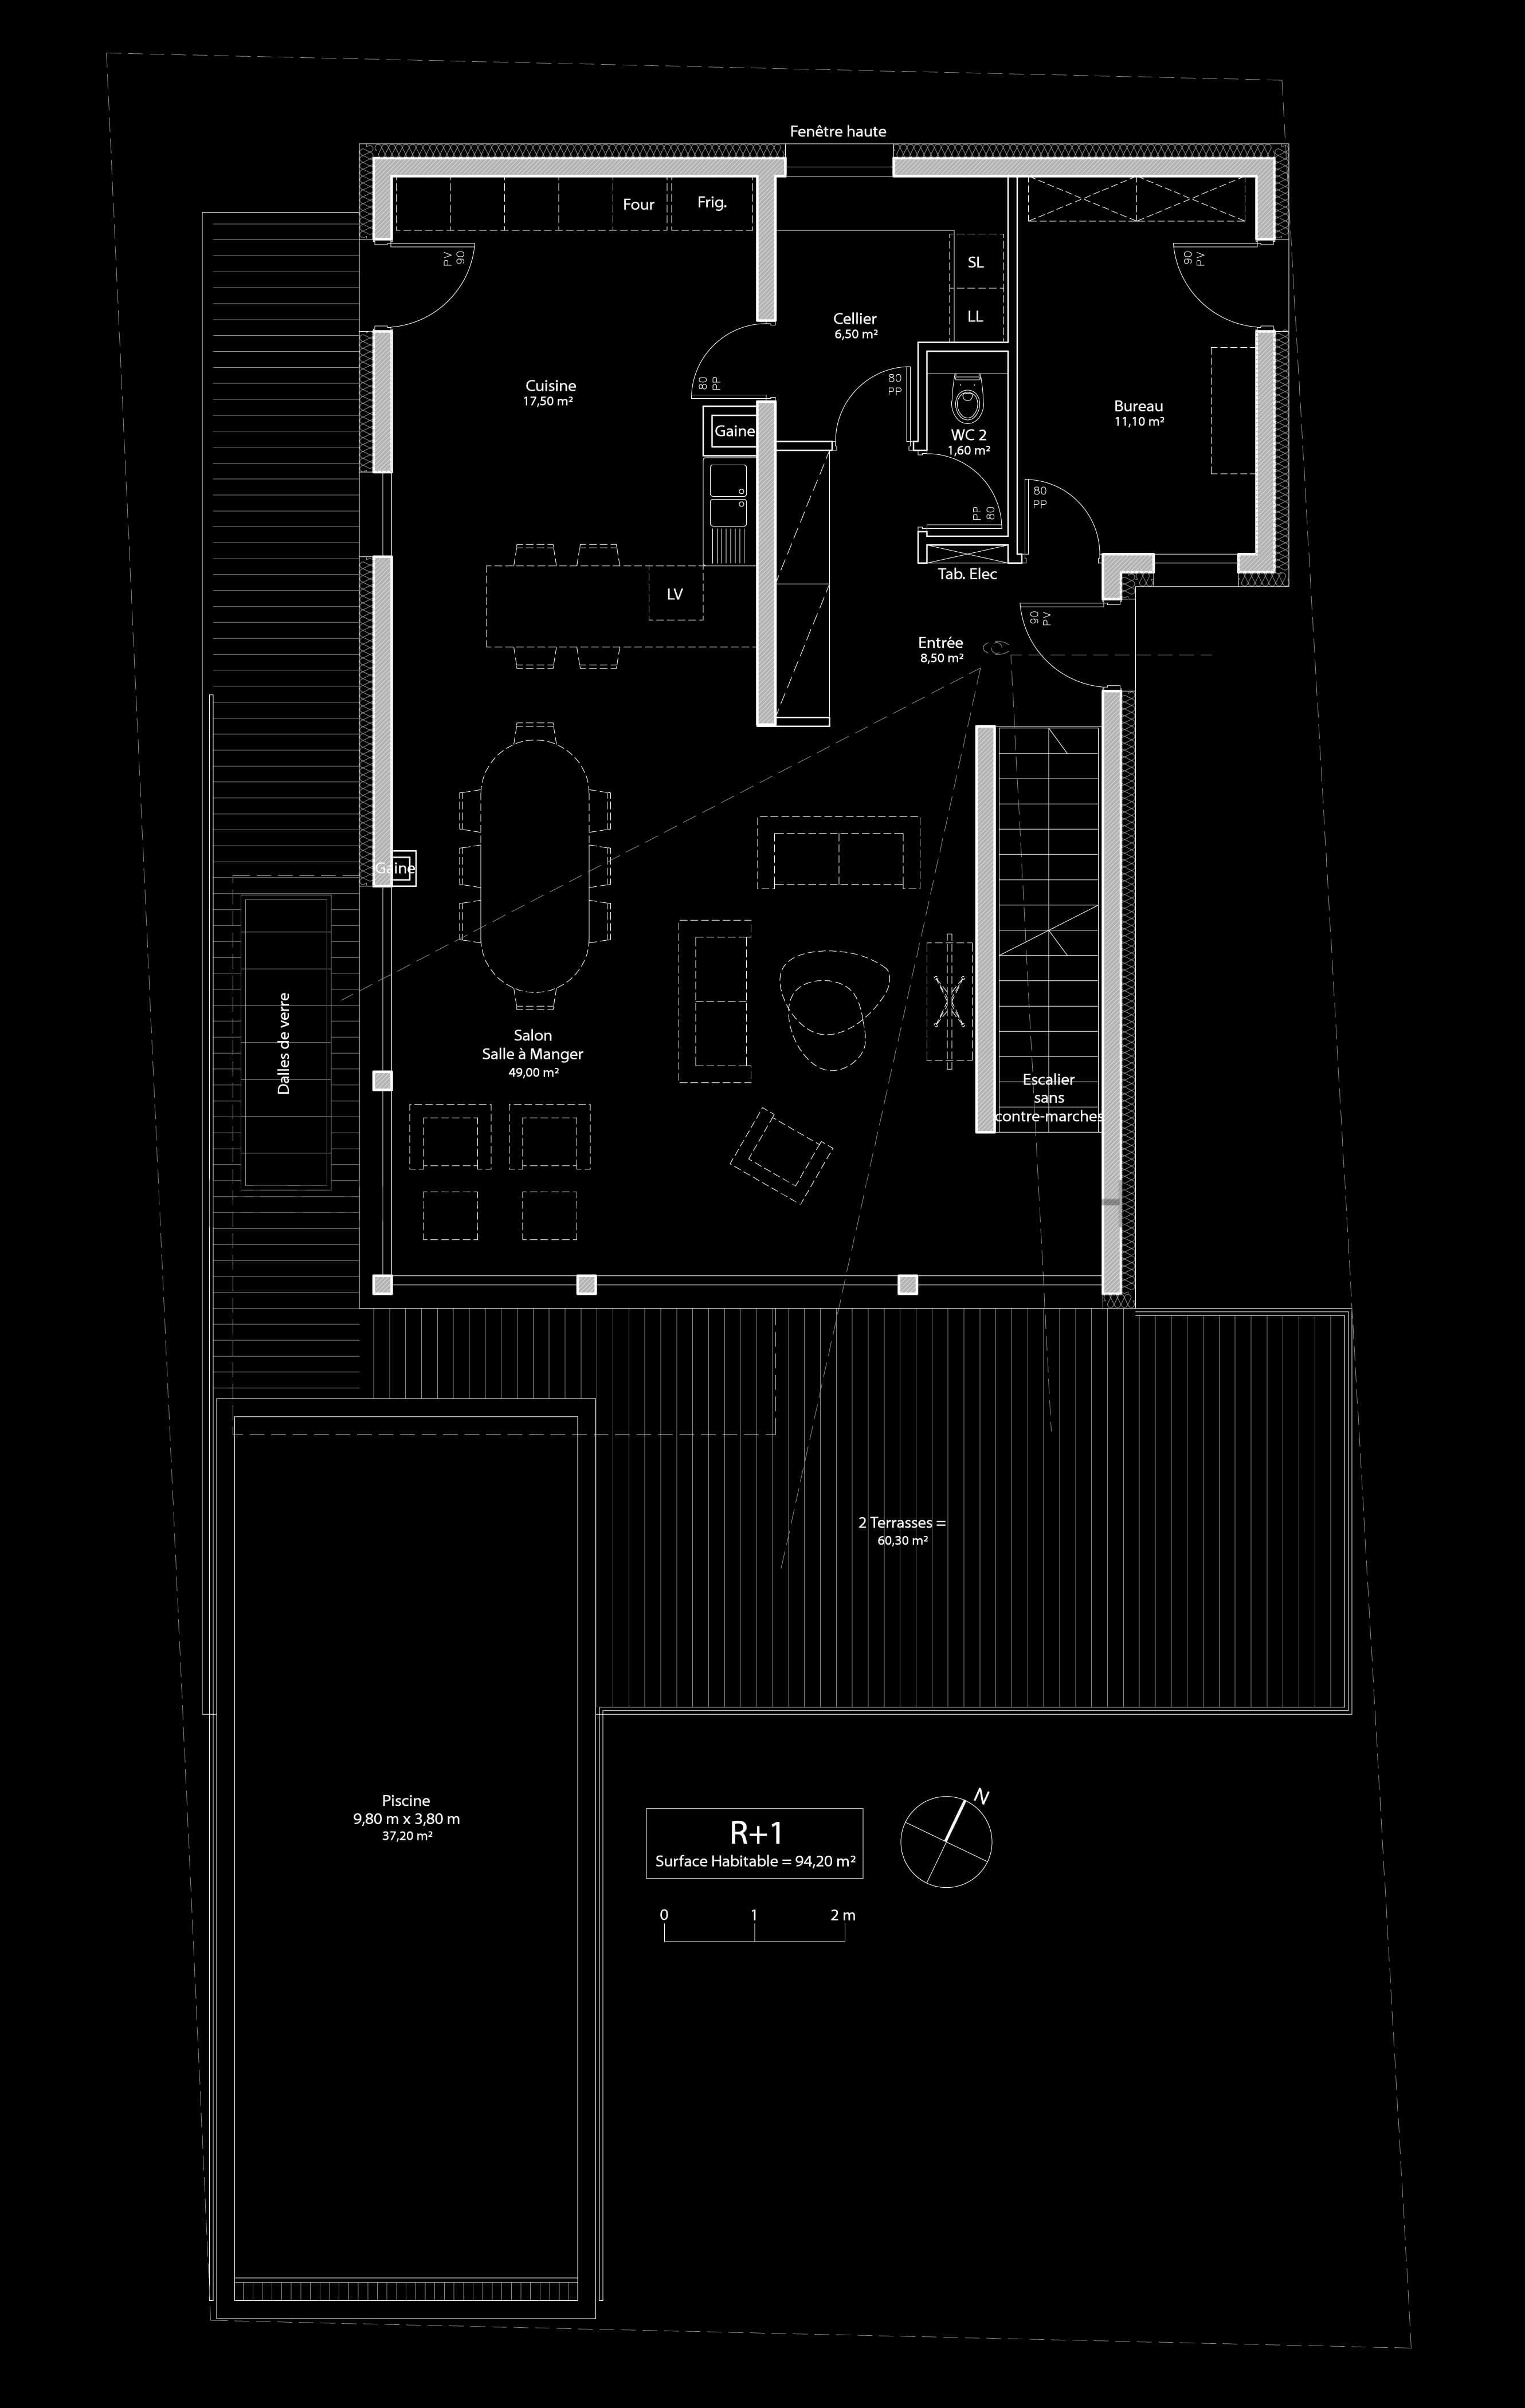 2017 01 28 (2015-010) 007 - Plans - R+1